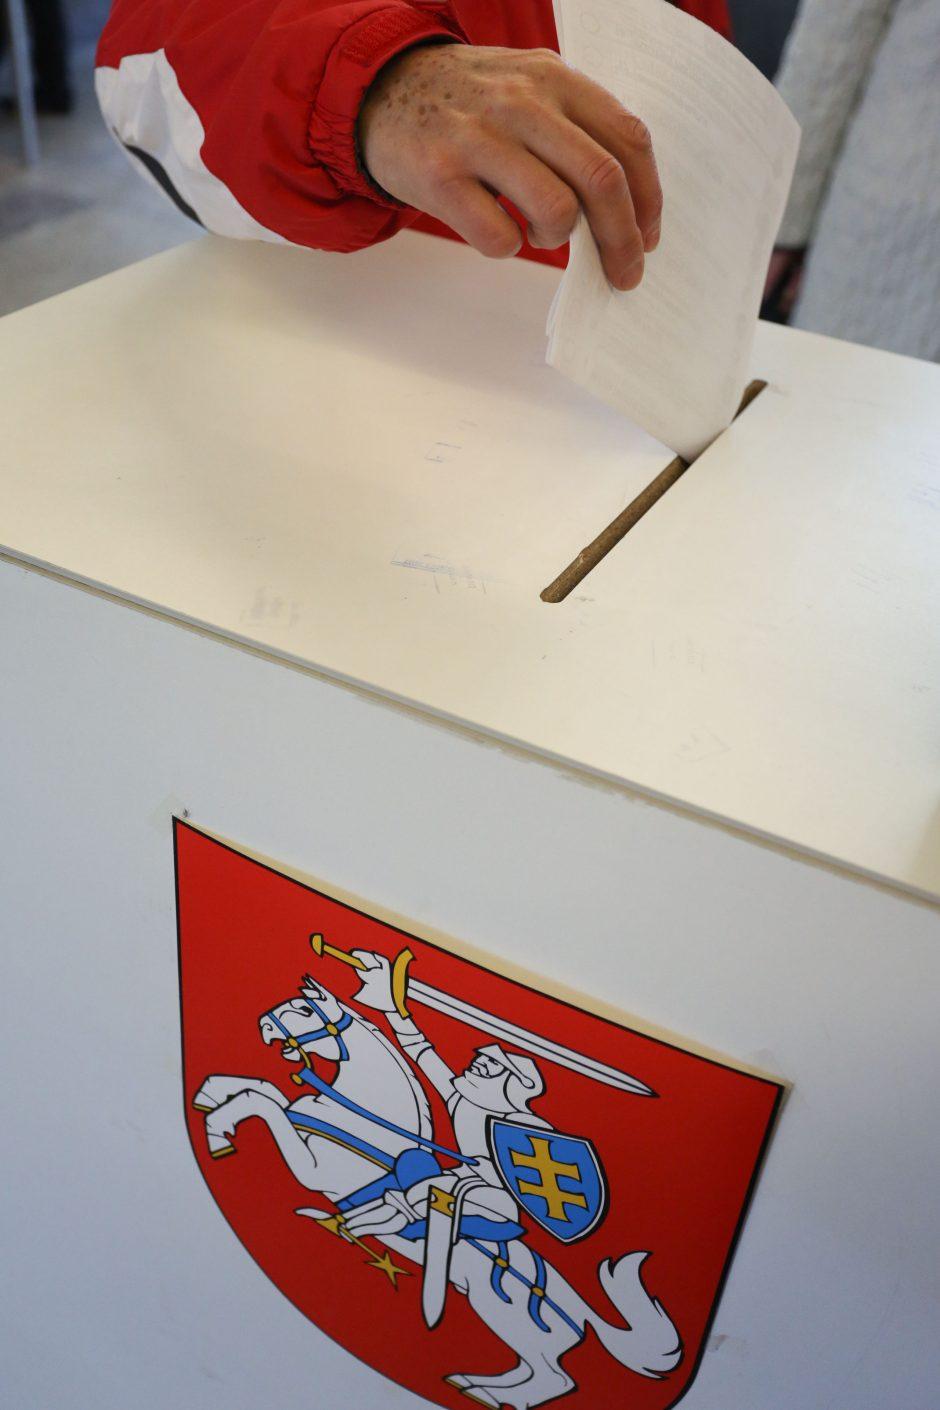 Parašus kandidatuoti į Marijampolės merus surinko visi pretendentai